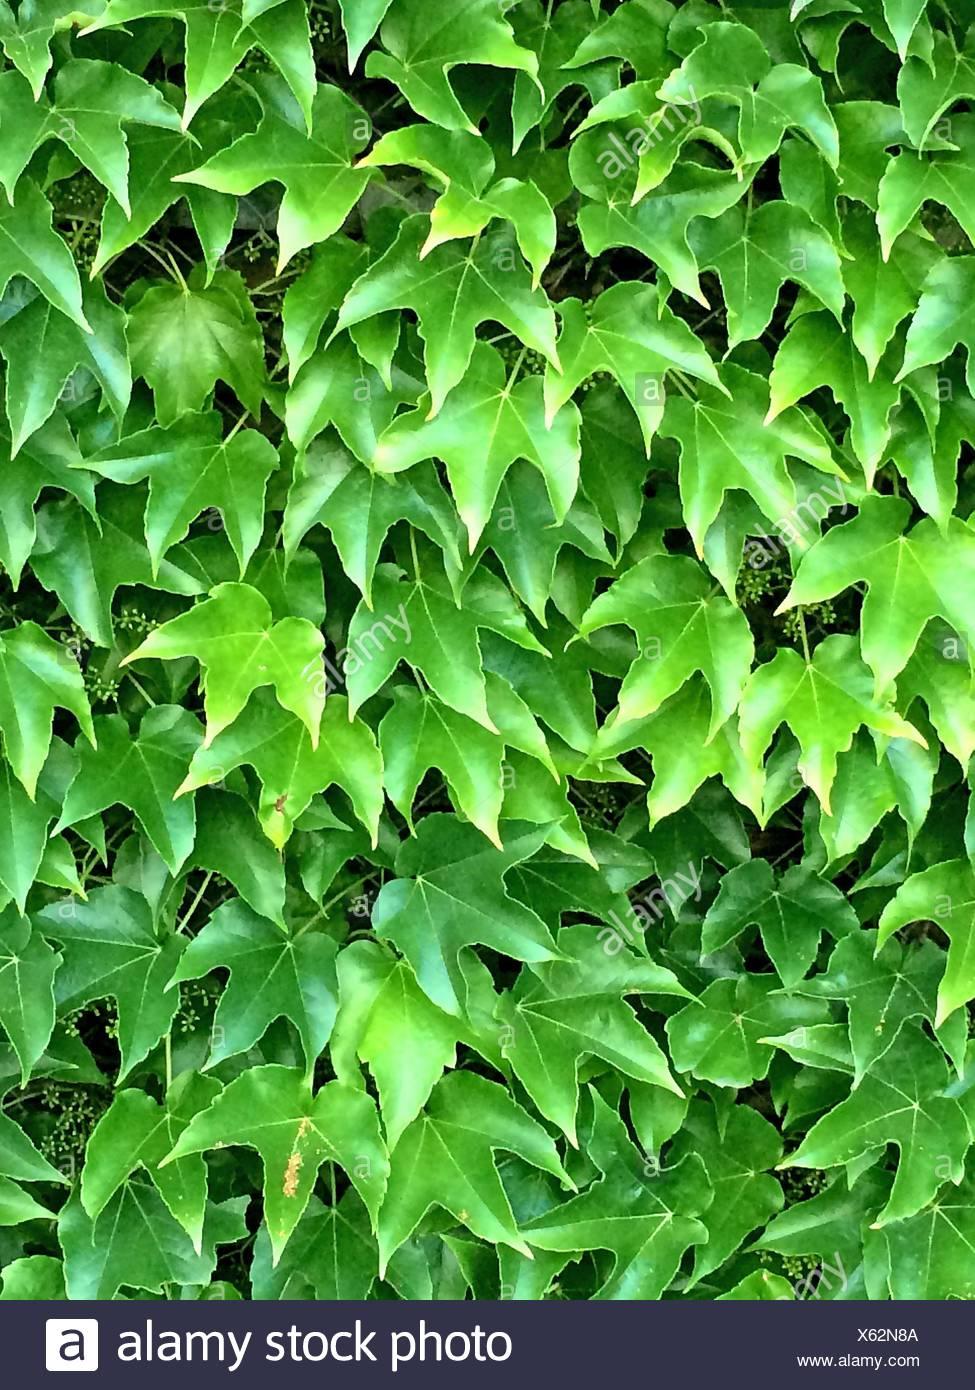 Les feuilles de vigne sauvage en été. Banque D'Images